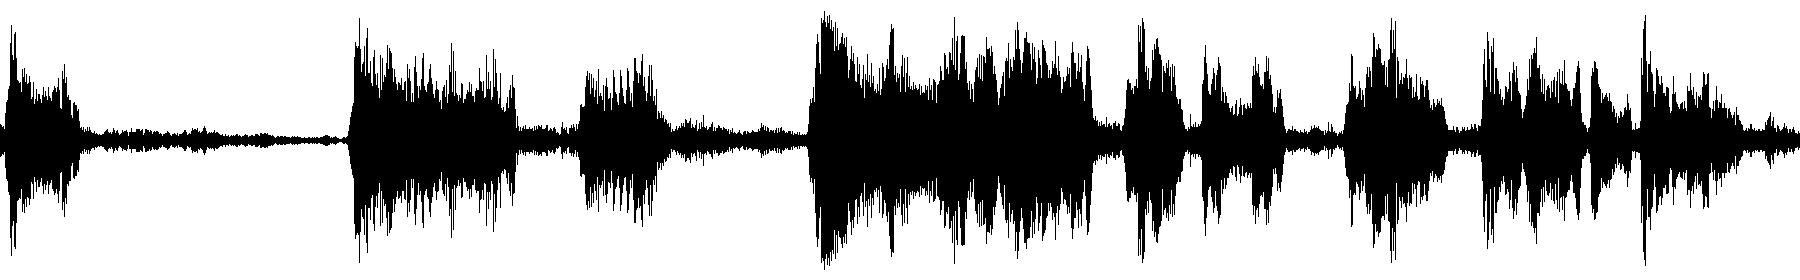 loop19125bpm